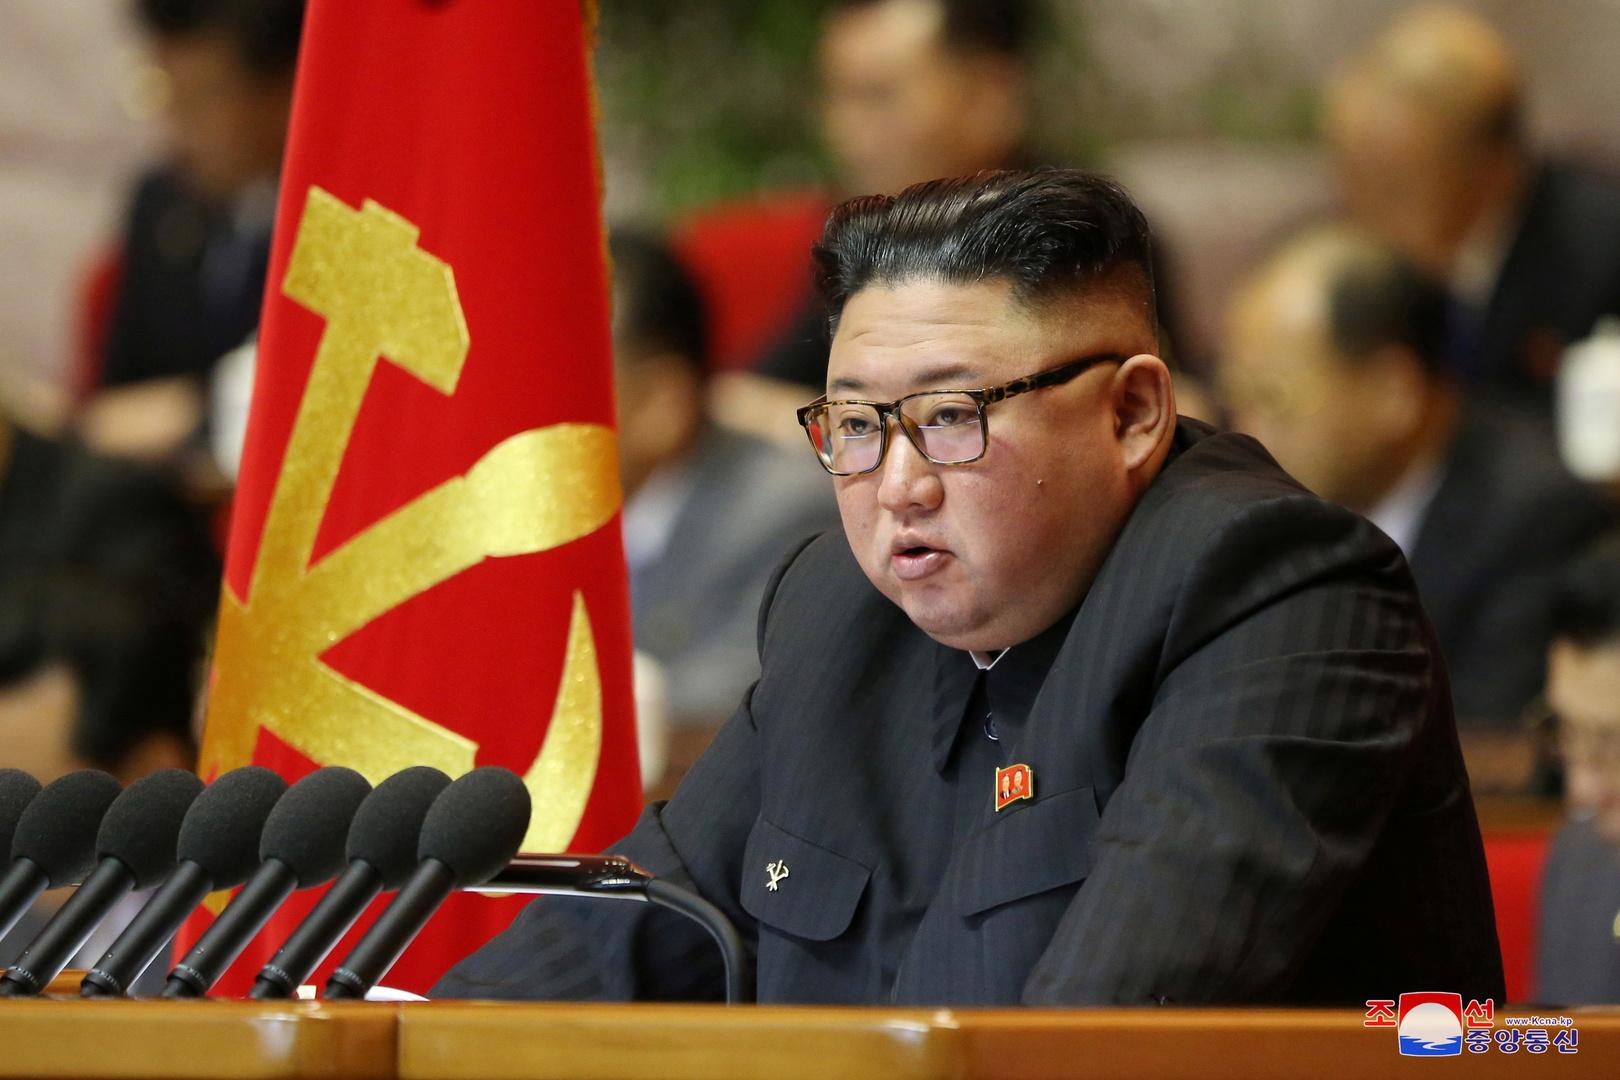 كوريا الشمالية تنوي تصنيع سلاح نووي صغير وخفيف يصل مداه إلى 15 ألف كيلومتر